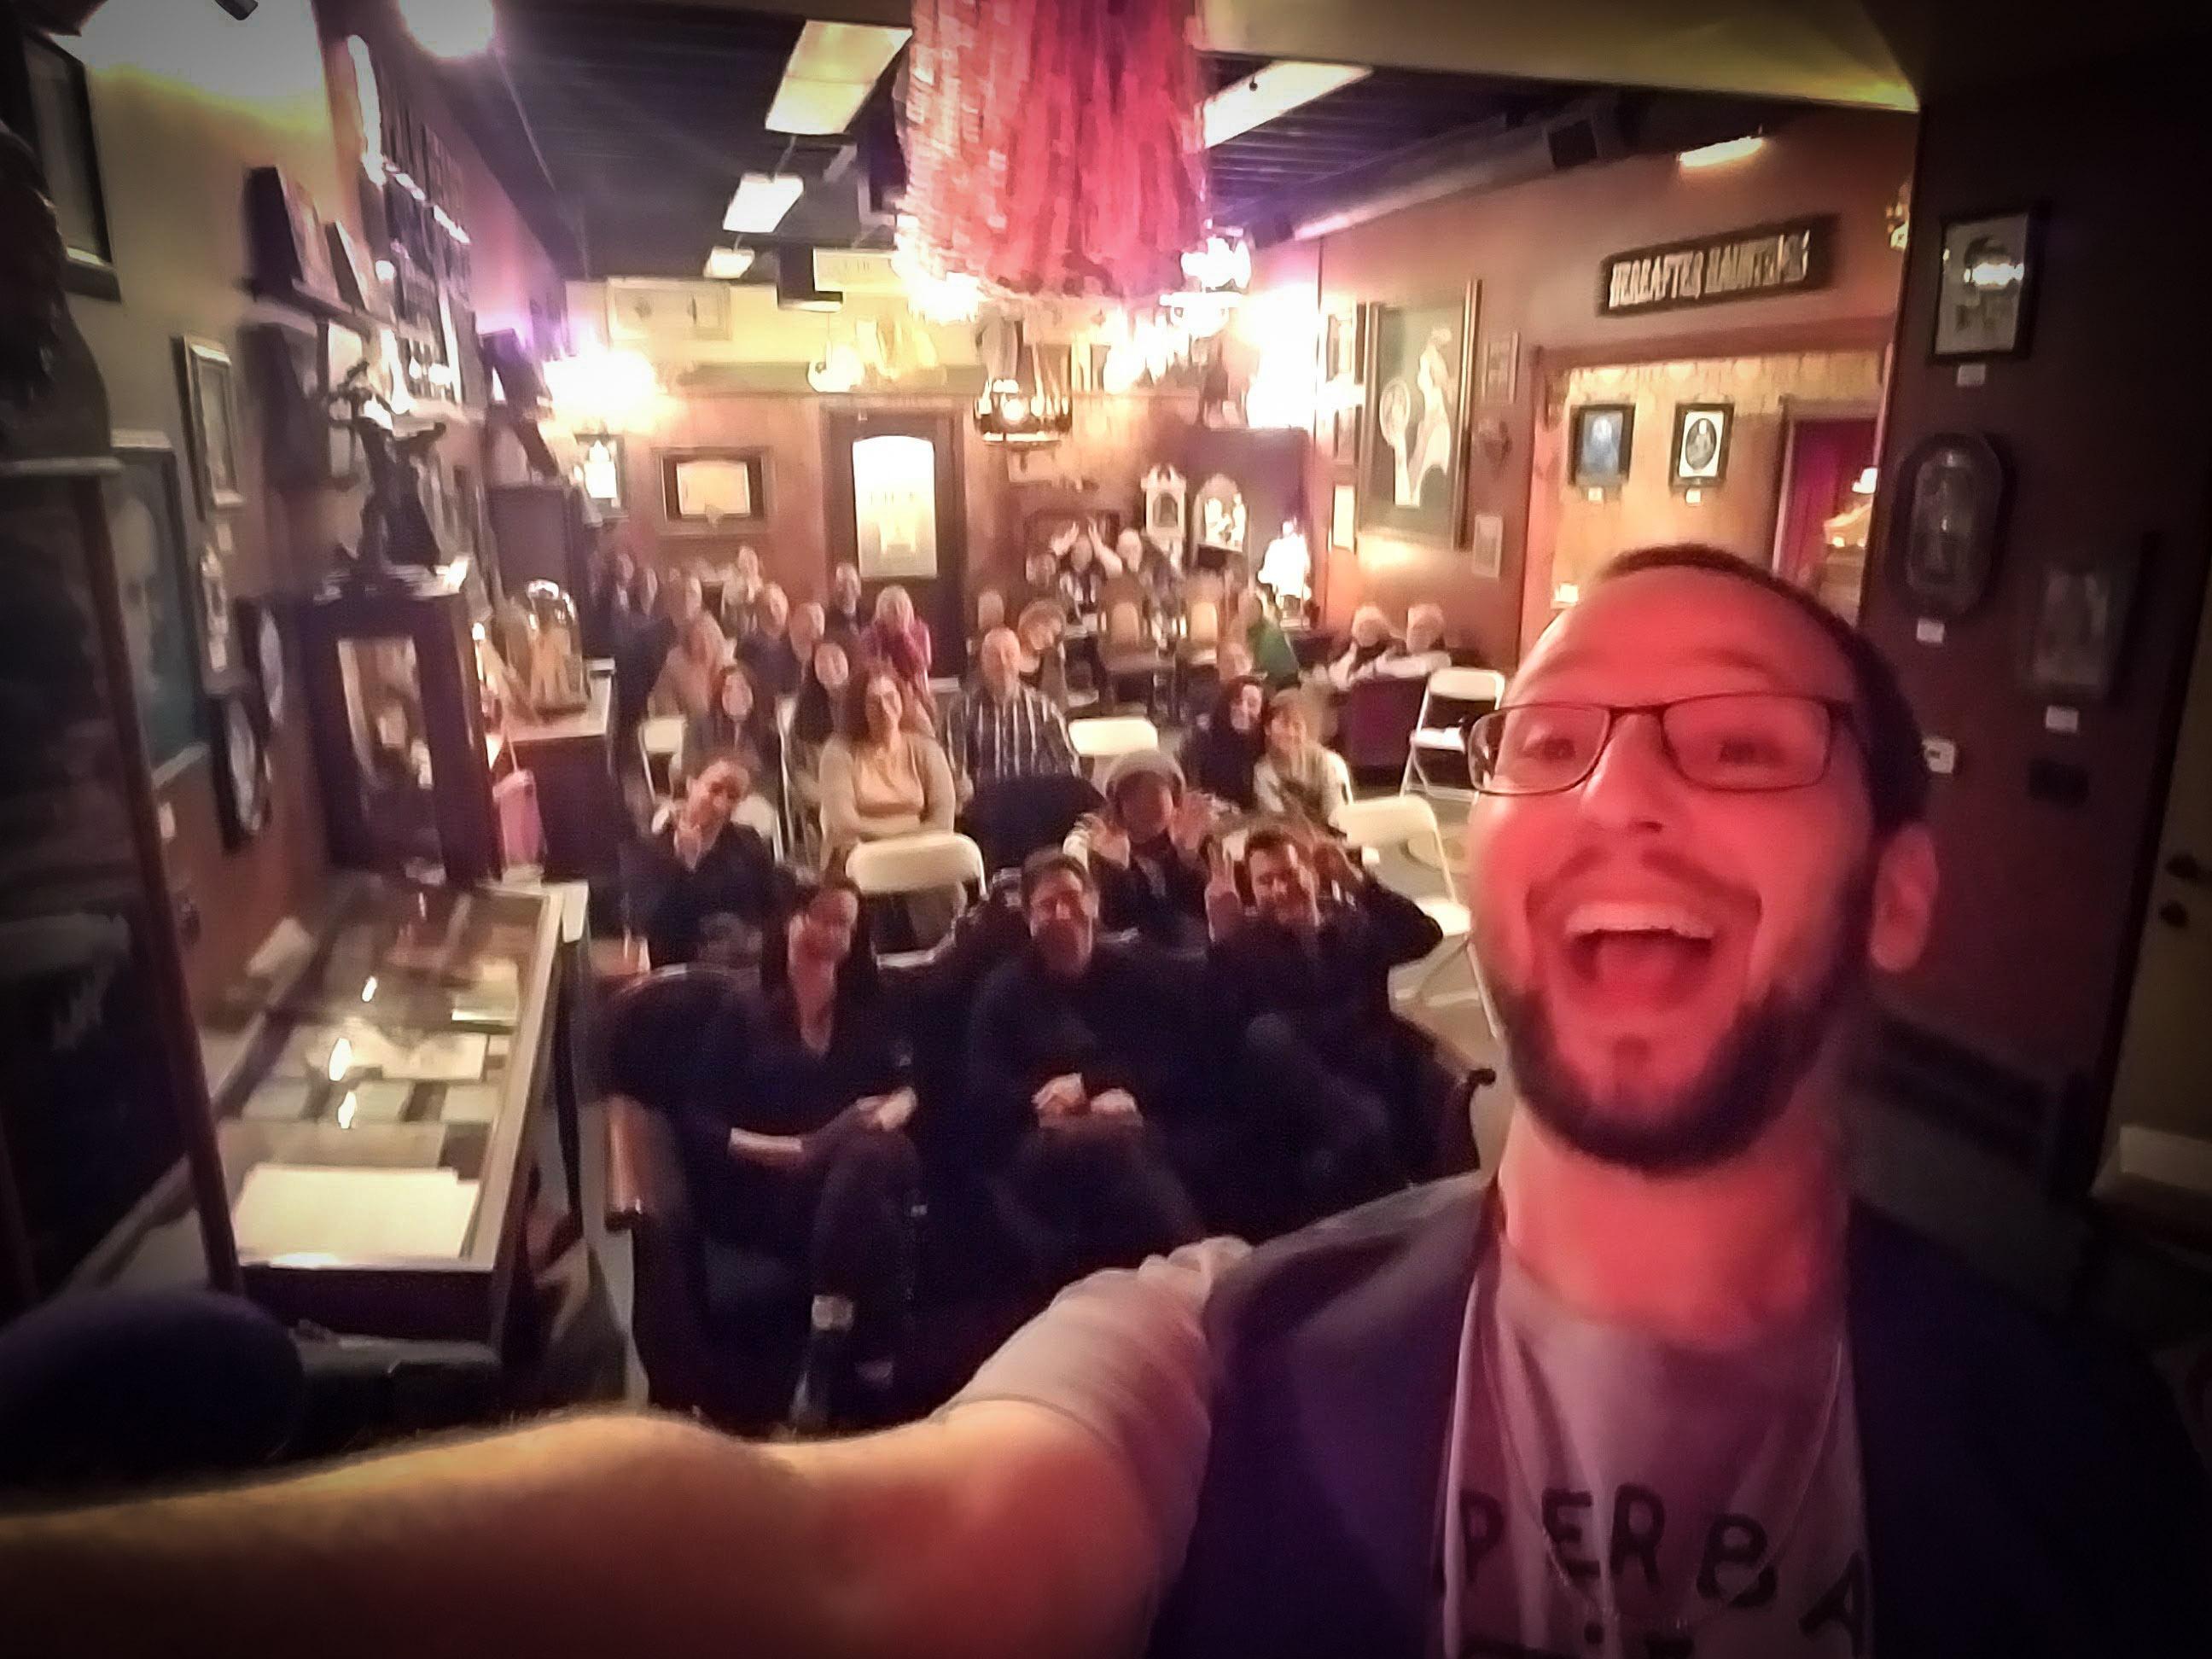 201801-audience-selfie-2